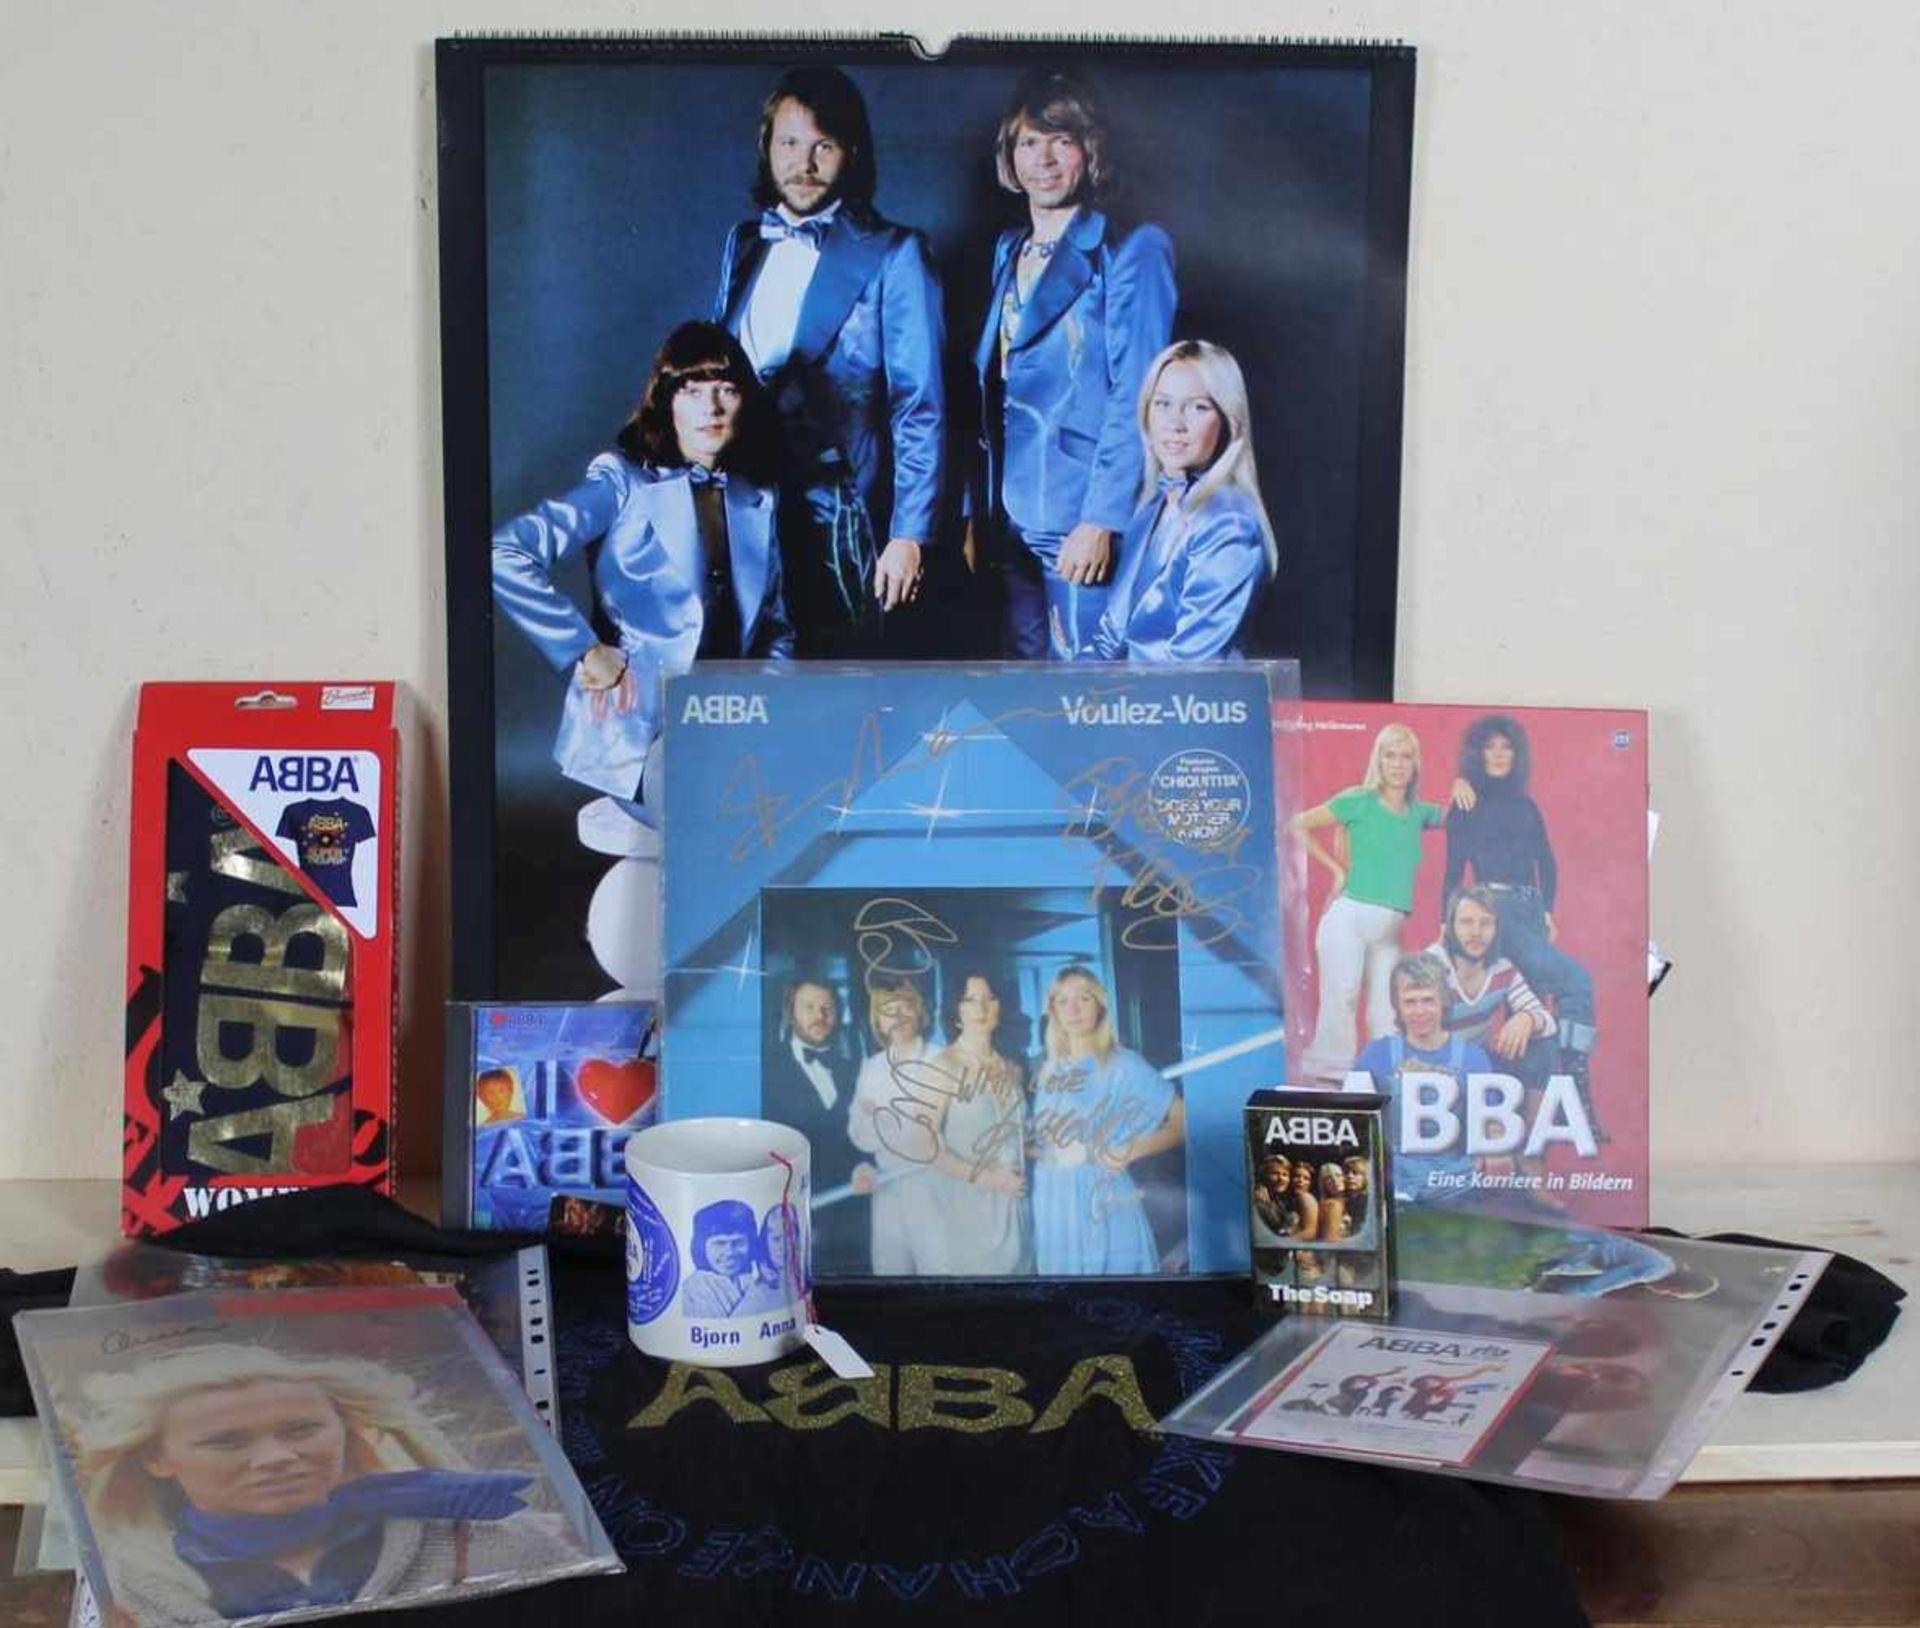 Grosses Konvolut ABBA memorabilia bestehend aus 1 CD I love ABBA Polystar, 1 LP Voulez-Vous Epic S